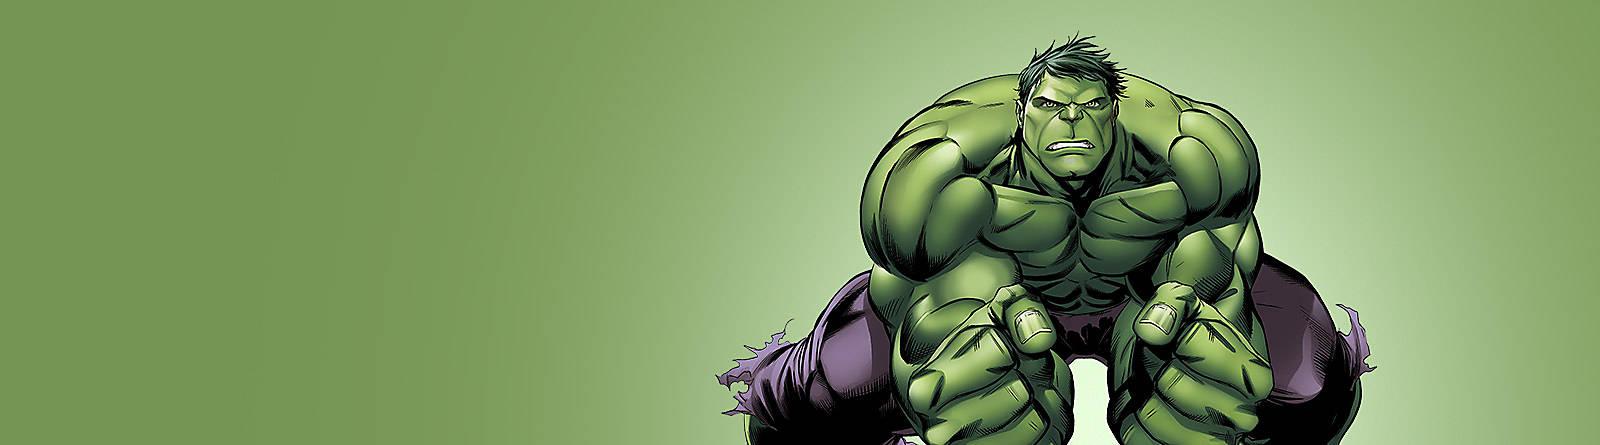 Hulk Hulk est le super-héros le plus fort ! Célébrez la puissance de ce titan vert grâce aux accessoires et figurines à son effigie !